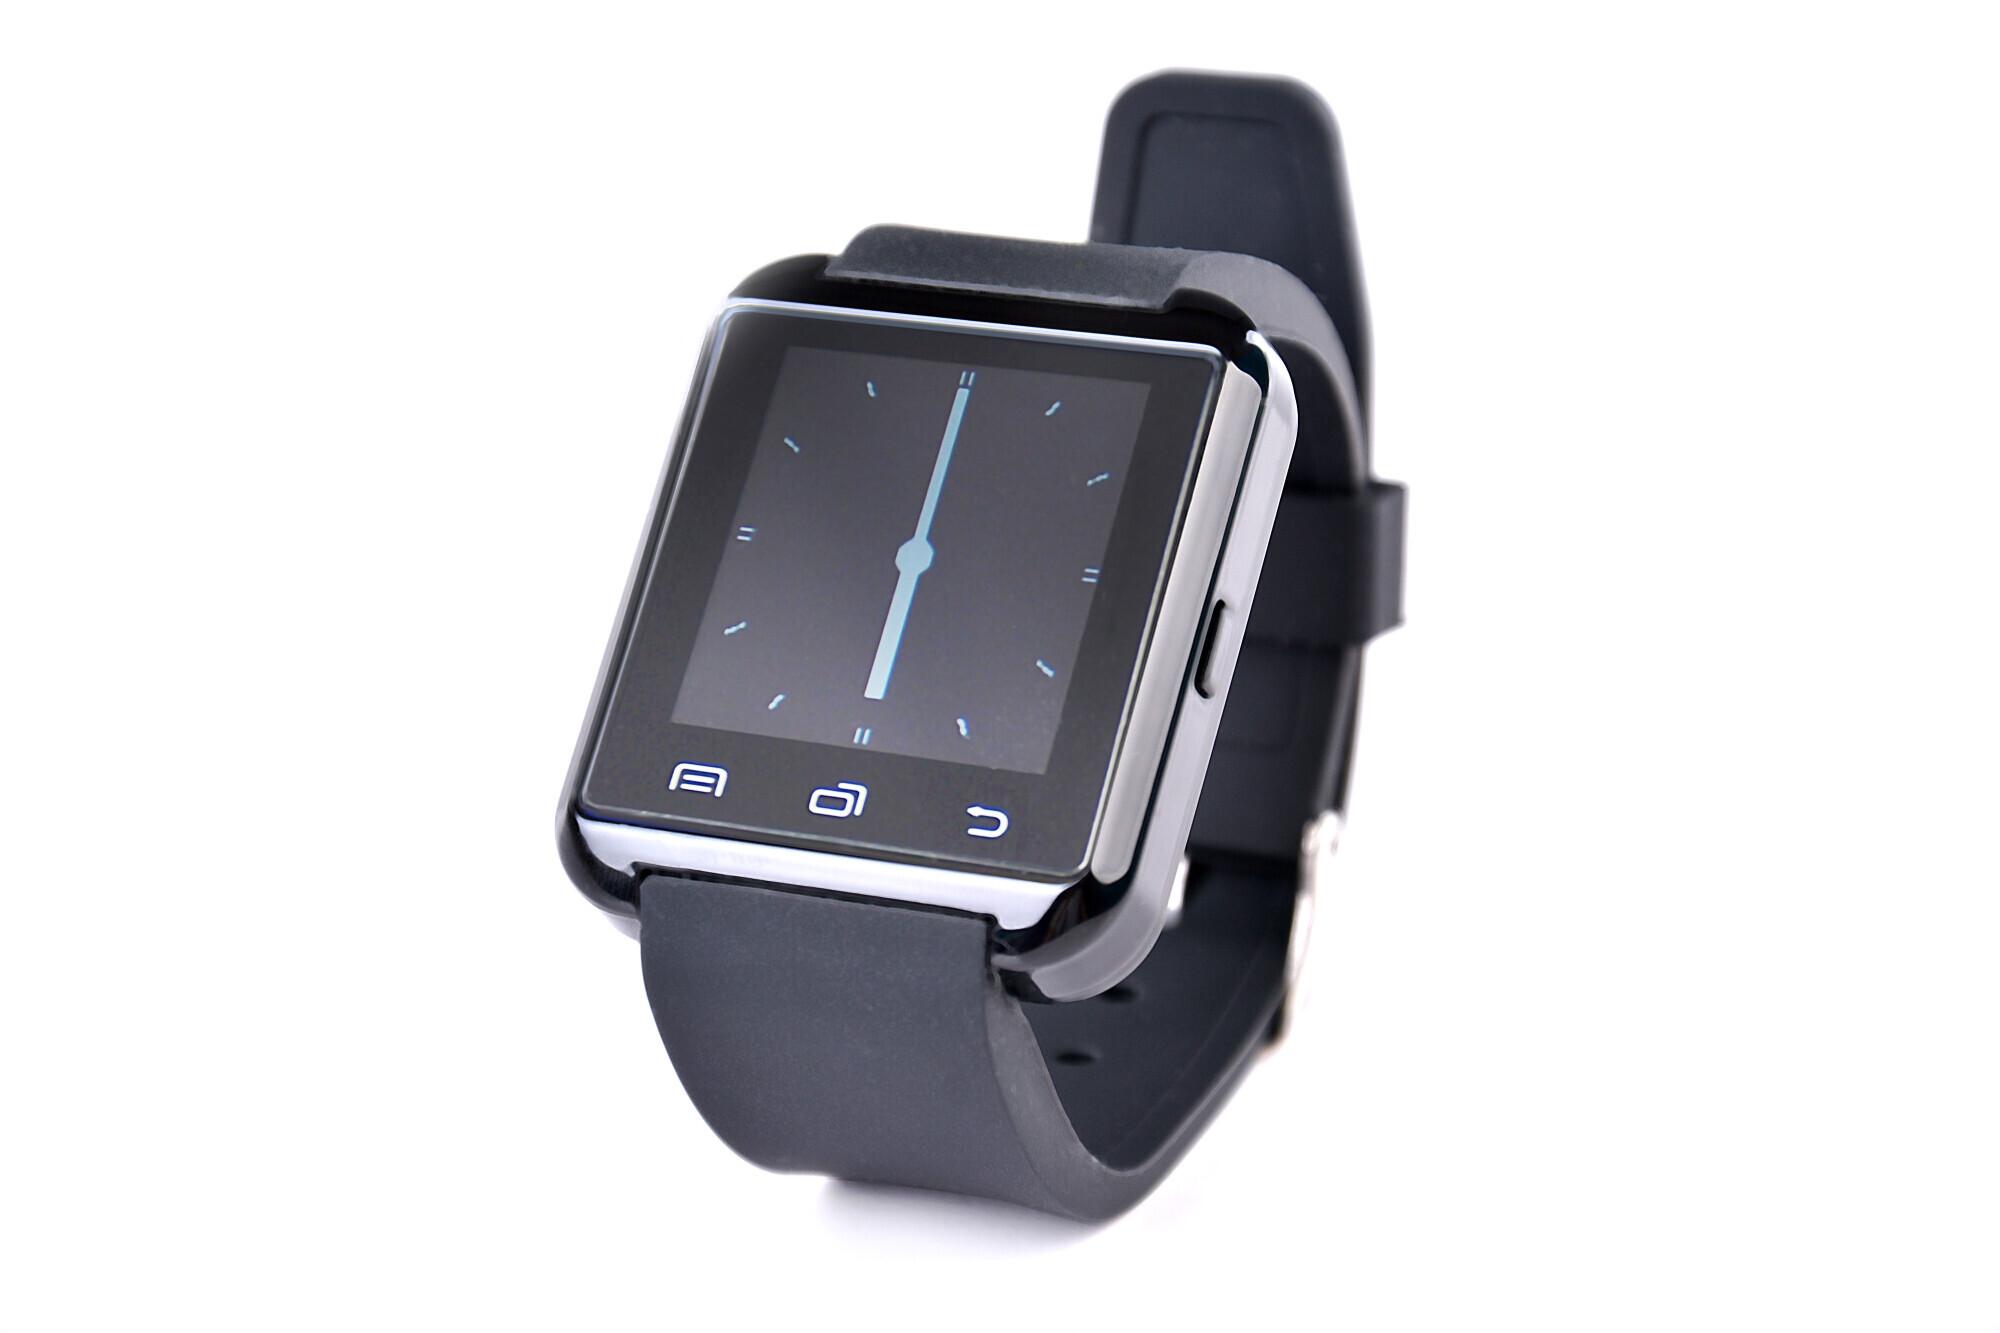 ATRIX Smart watch E08.0 - купить смарт-часы ATRIX Smart watch в  интернет-магазине ALLO.ua  a9fc986d1cc8f